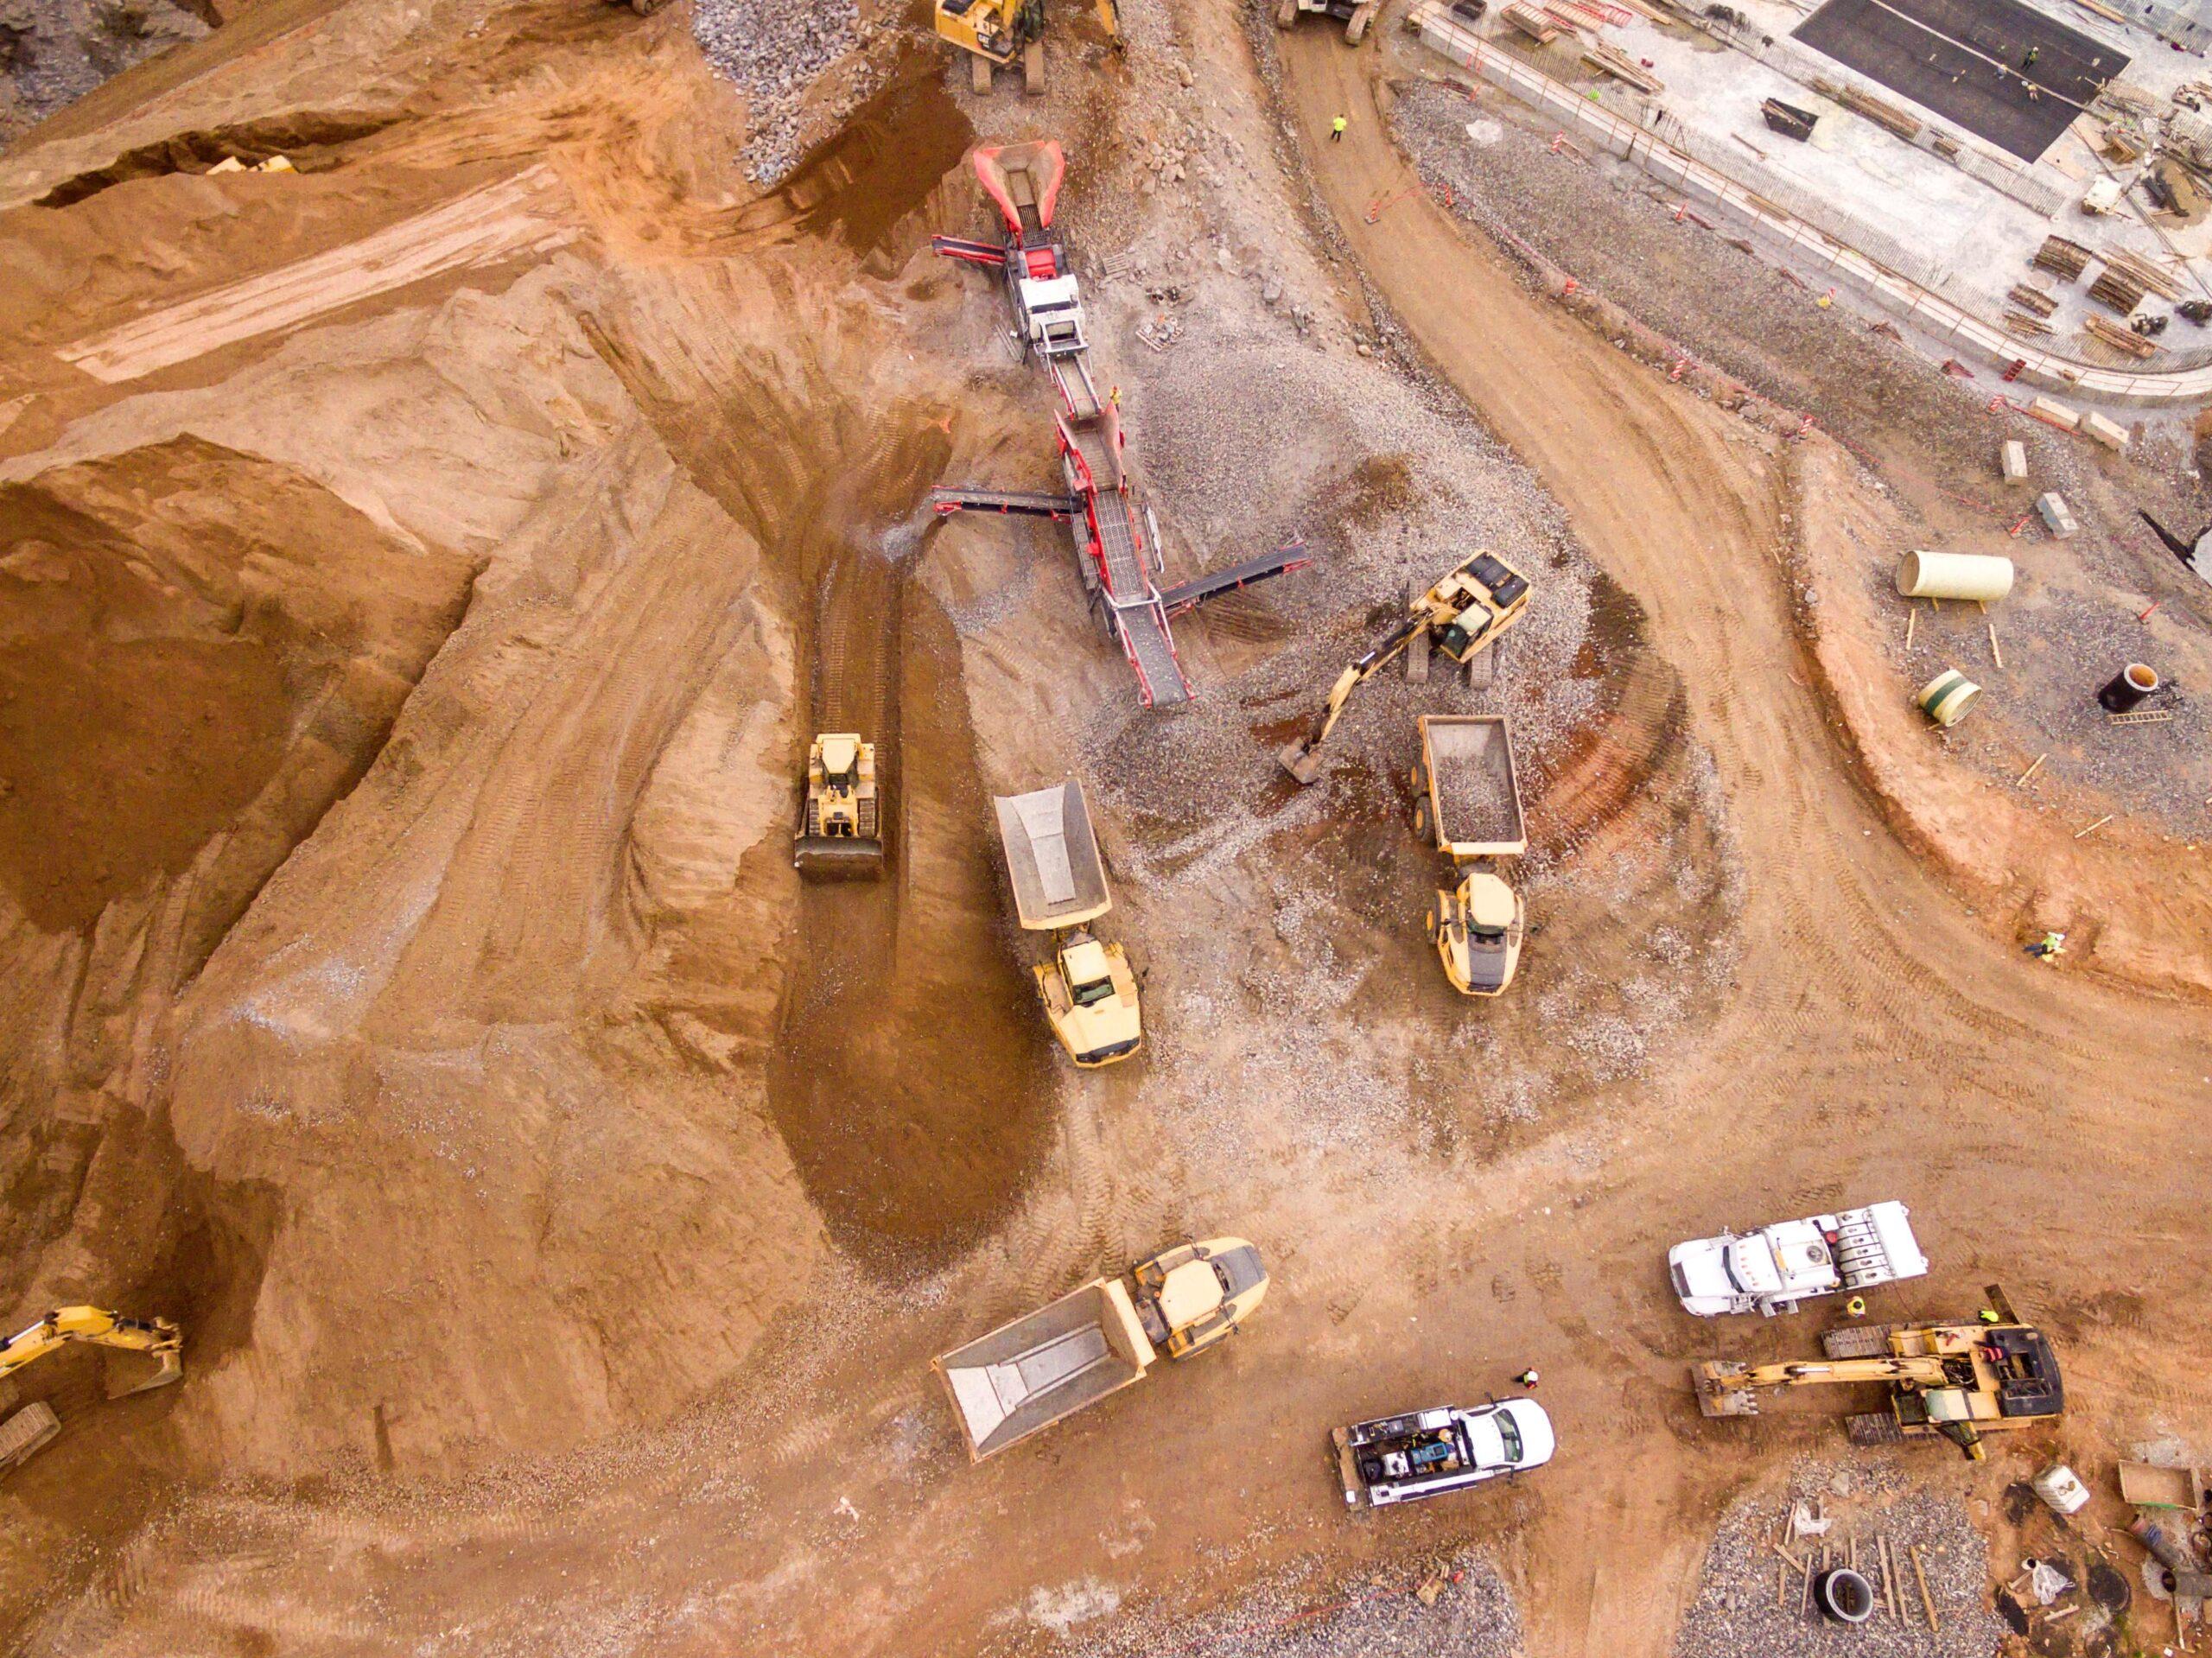 Luftaufnahme von schwerem gerät in einer Kiesgrube